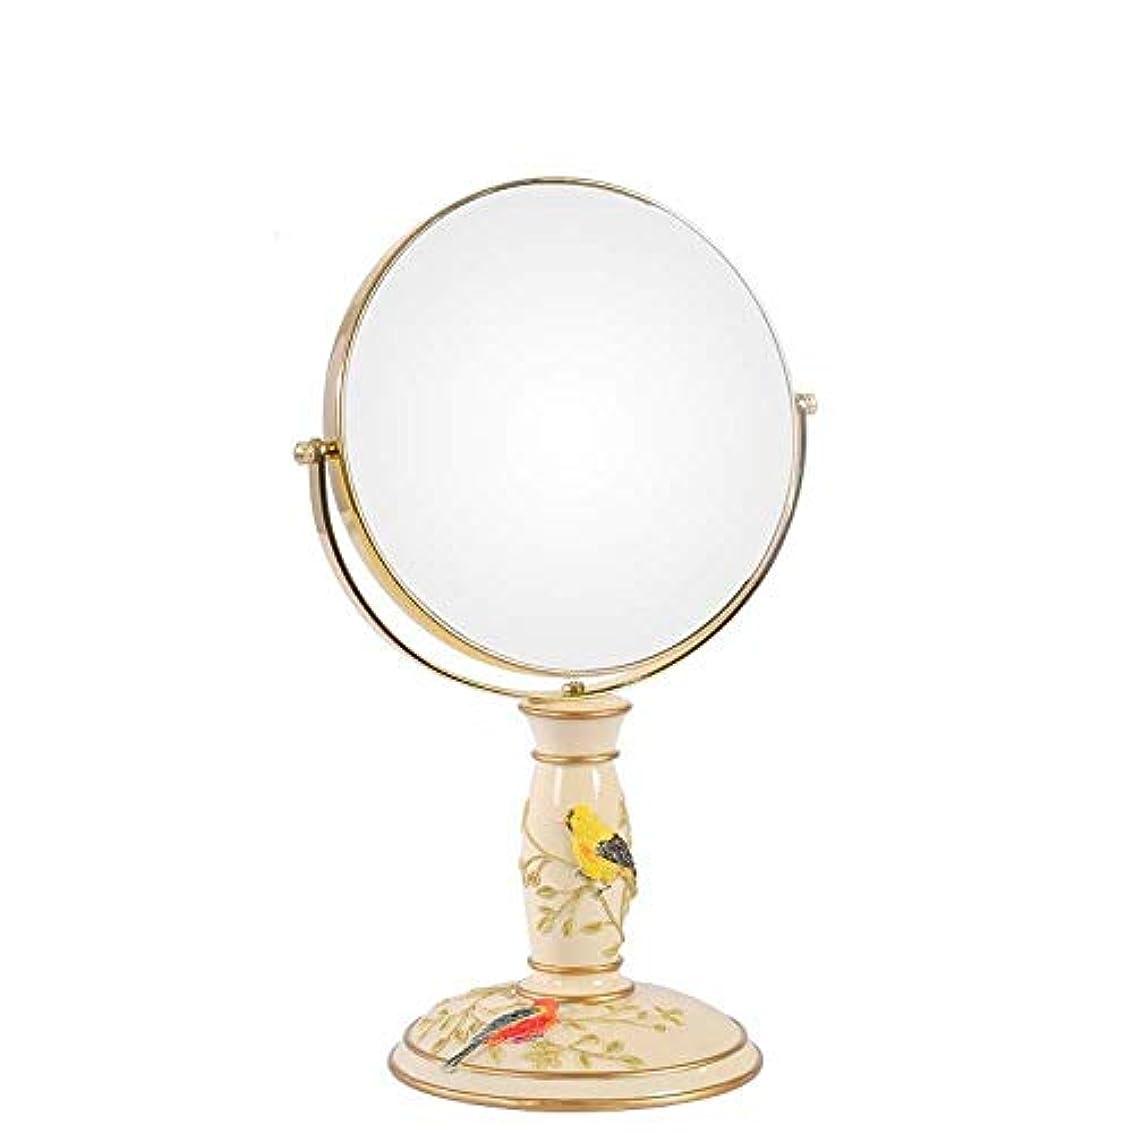 長椅子割合クモ流行の ビンテージ化粧鏡、鏡360°回転スタンド、倍率1倍、3倍、ラウンドダブル両面回転化粧鏡